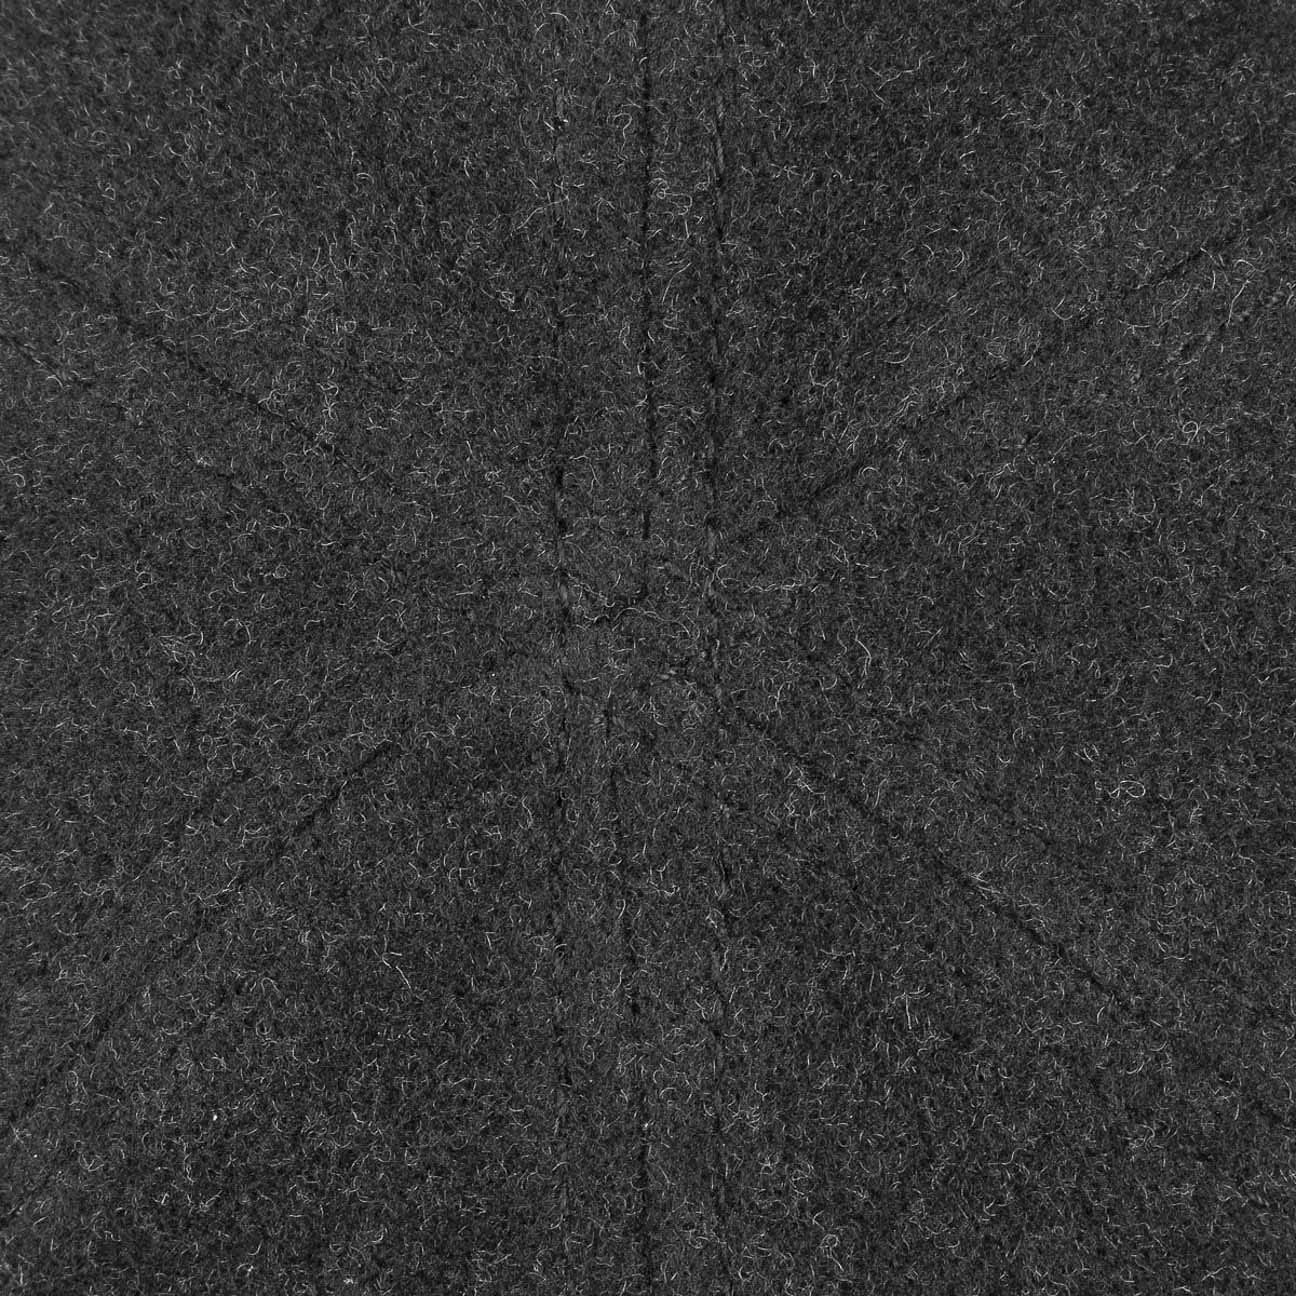 Wintercap mit Earflaps - Wollcap Herbst//Winter Schieberm/ütze mit Kaschmir - Herrencap mit Futter ausklappbar Baumwolle Stetson Texas Wool Ohrenschutz Flatcap Herren